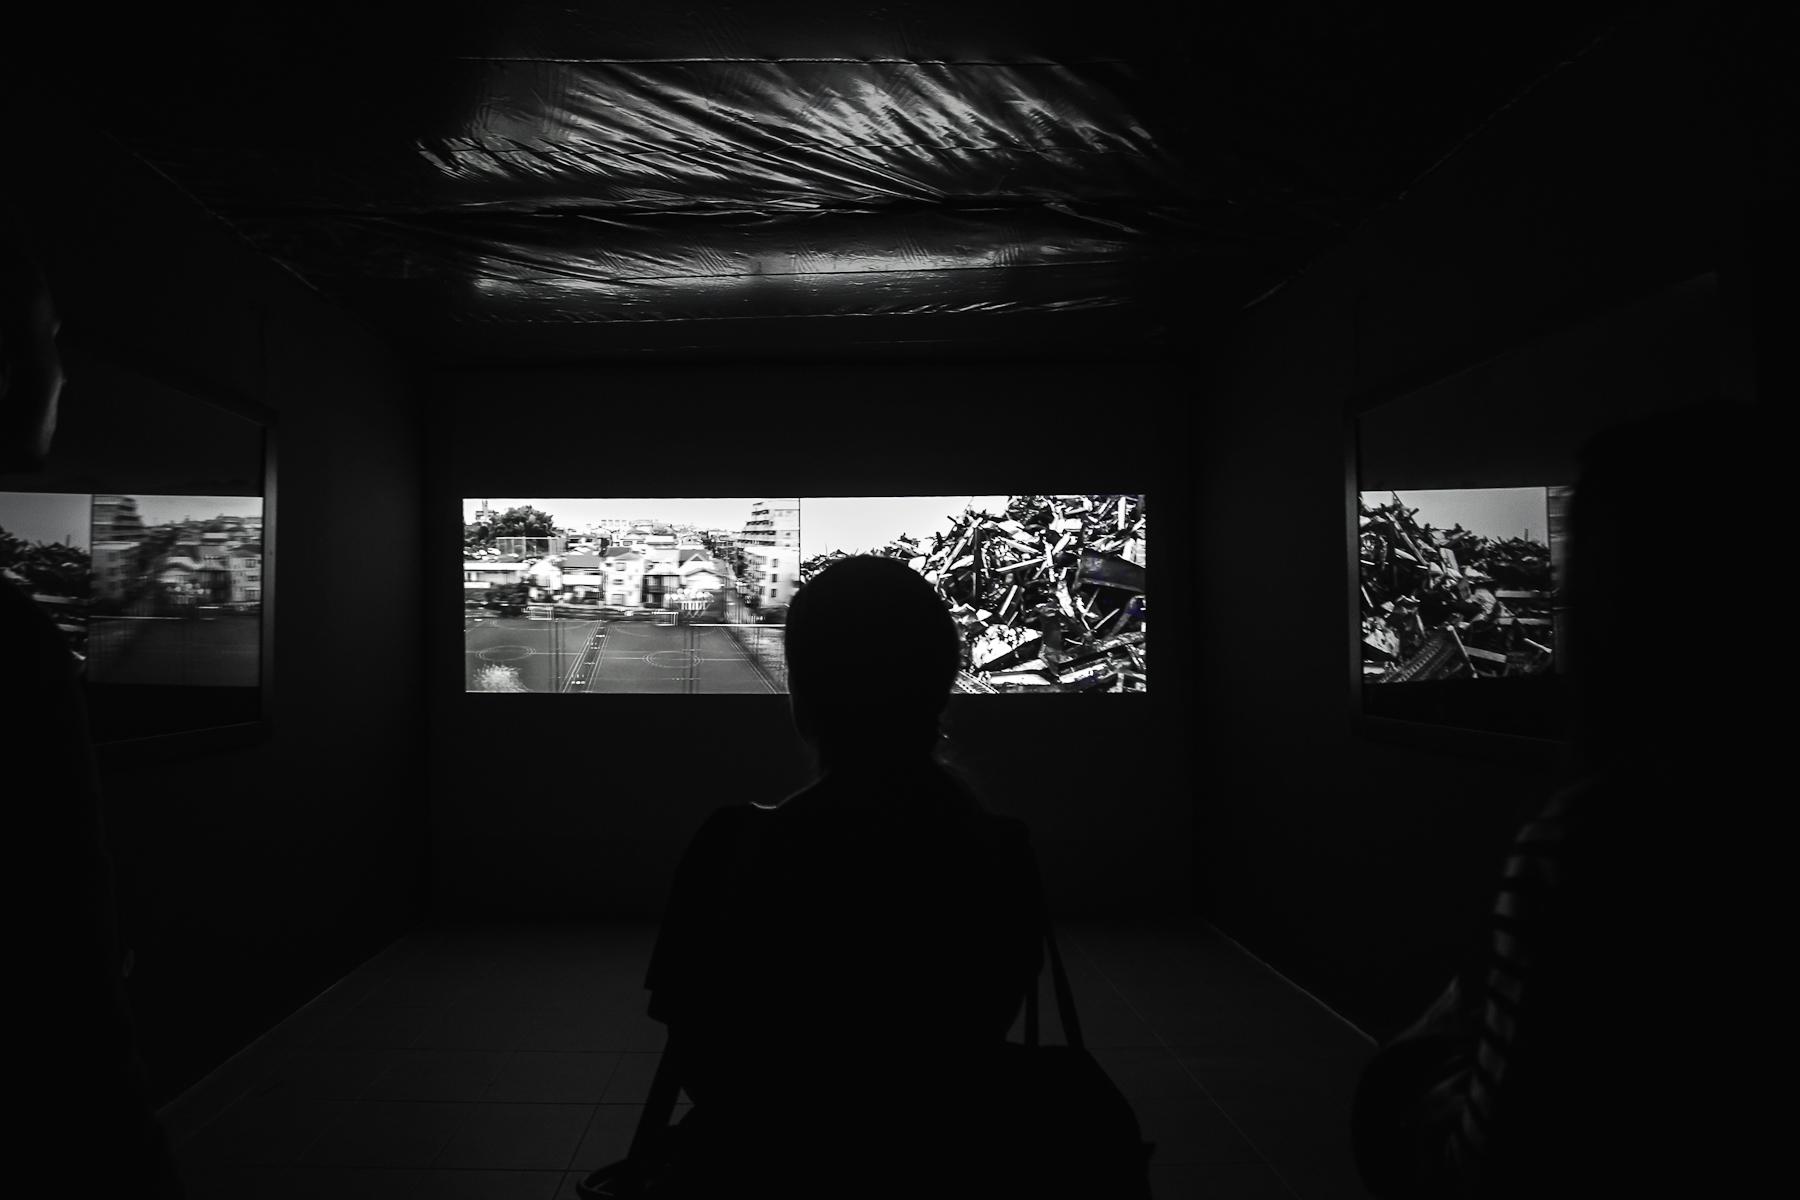 Angelika Markul, Welcome toFukushima, instalacja - fotografie, 126,5 x 164 cm, video 0632, 2013, dzięki uprzejmości artystki igalerii Leto